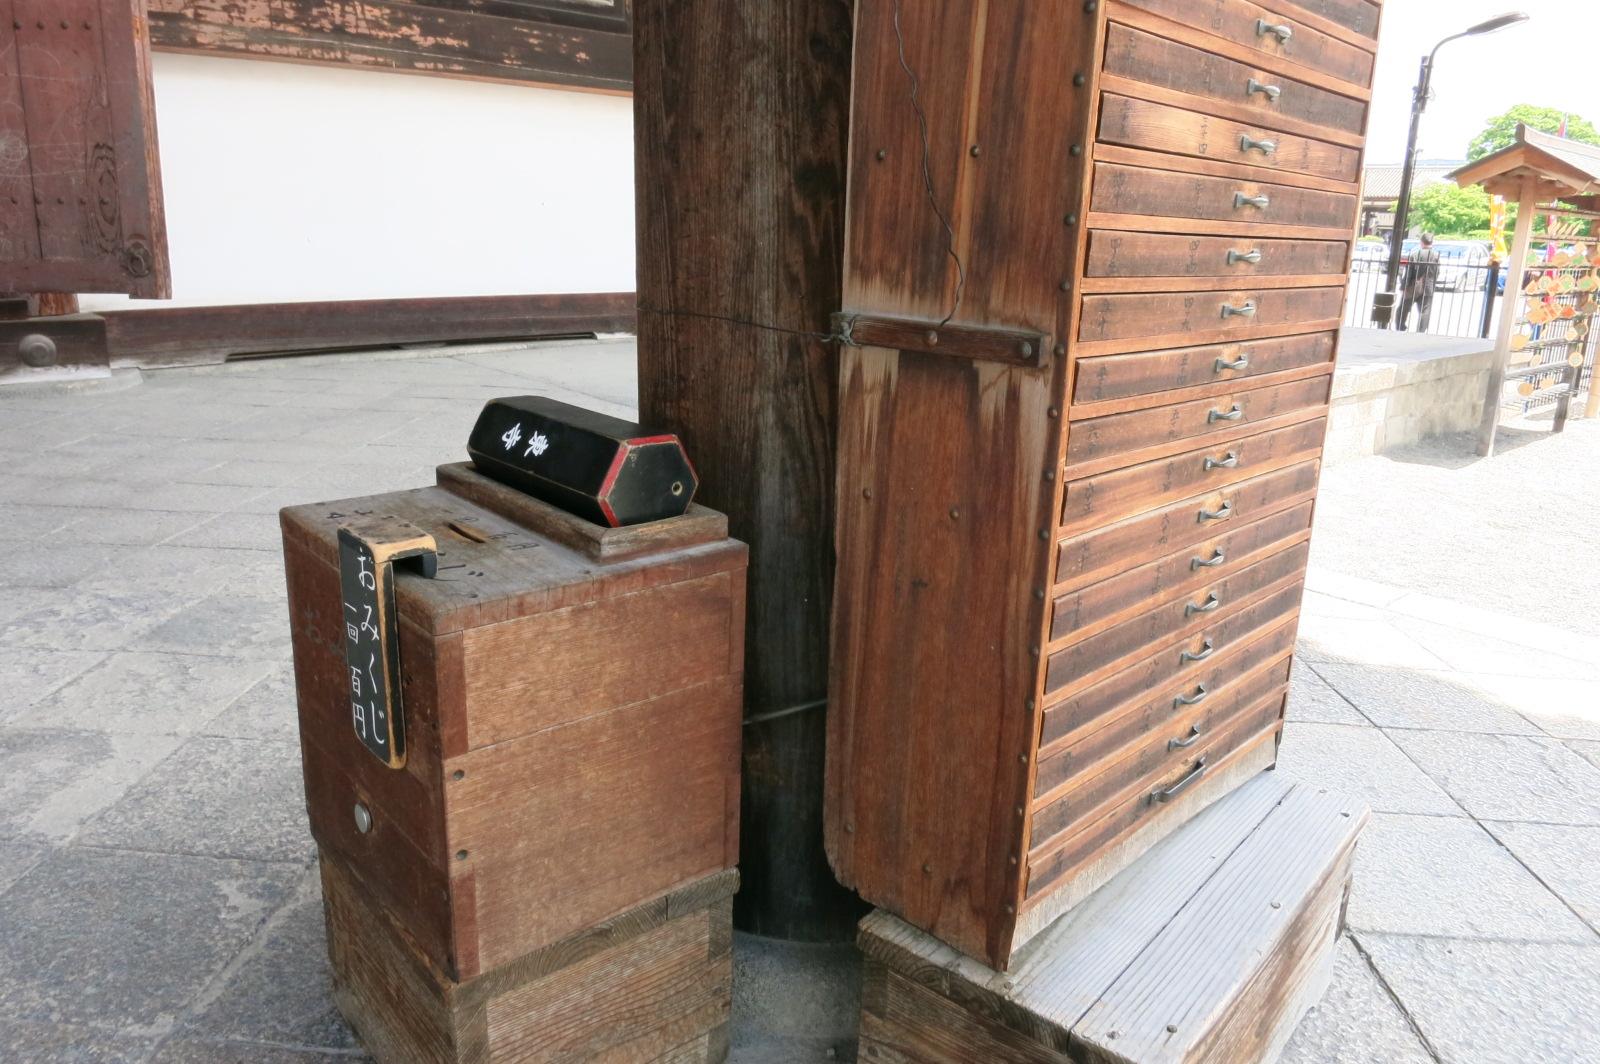 食堂(じきどう)前のおみくじ箱。黒い筒からくじ棒を出して、棒に書かれた数字の紙を棚から取り出します